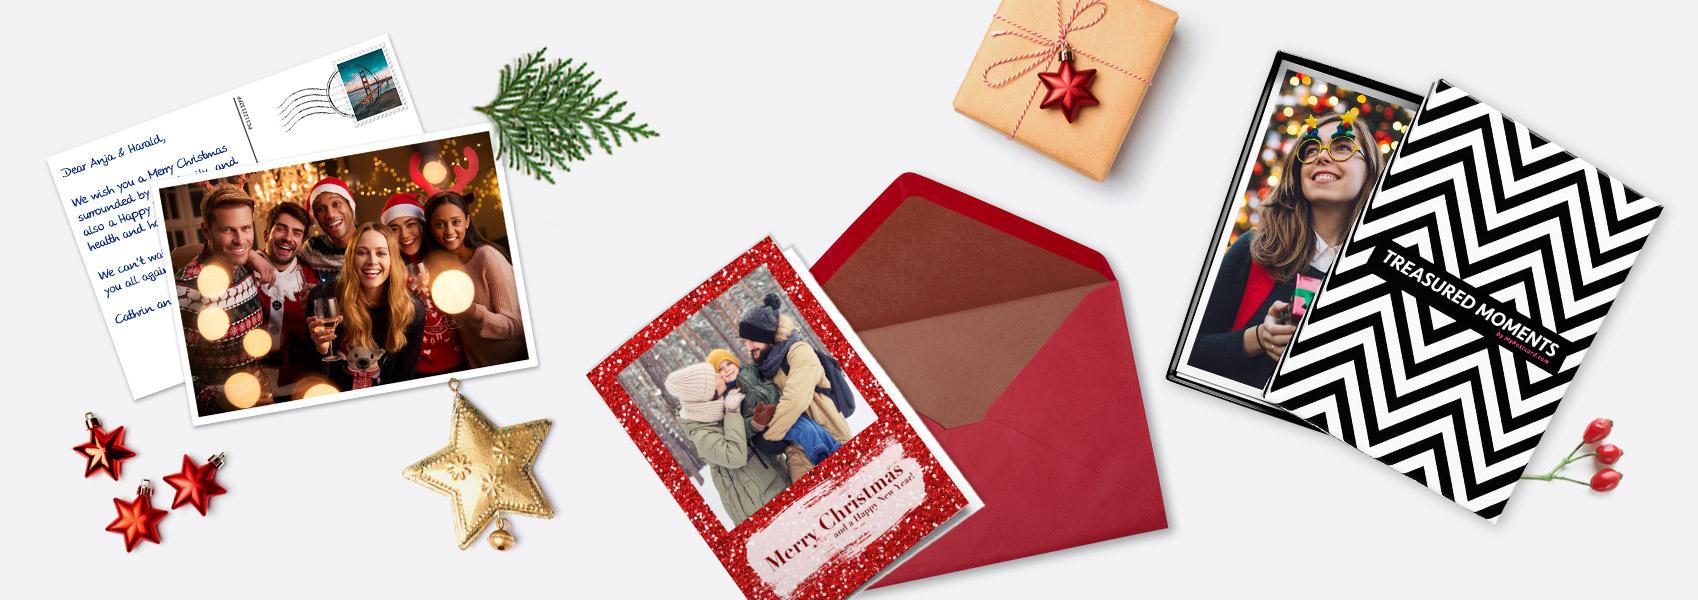 Persönliche Weihnachtskarten Online Versenden   Mypostcard bei Weihnachtskarte Online Kostenlos